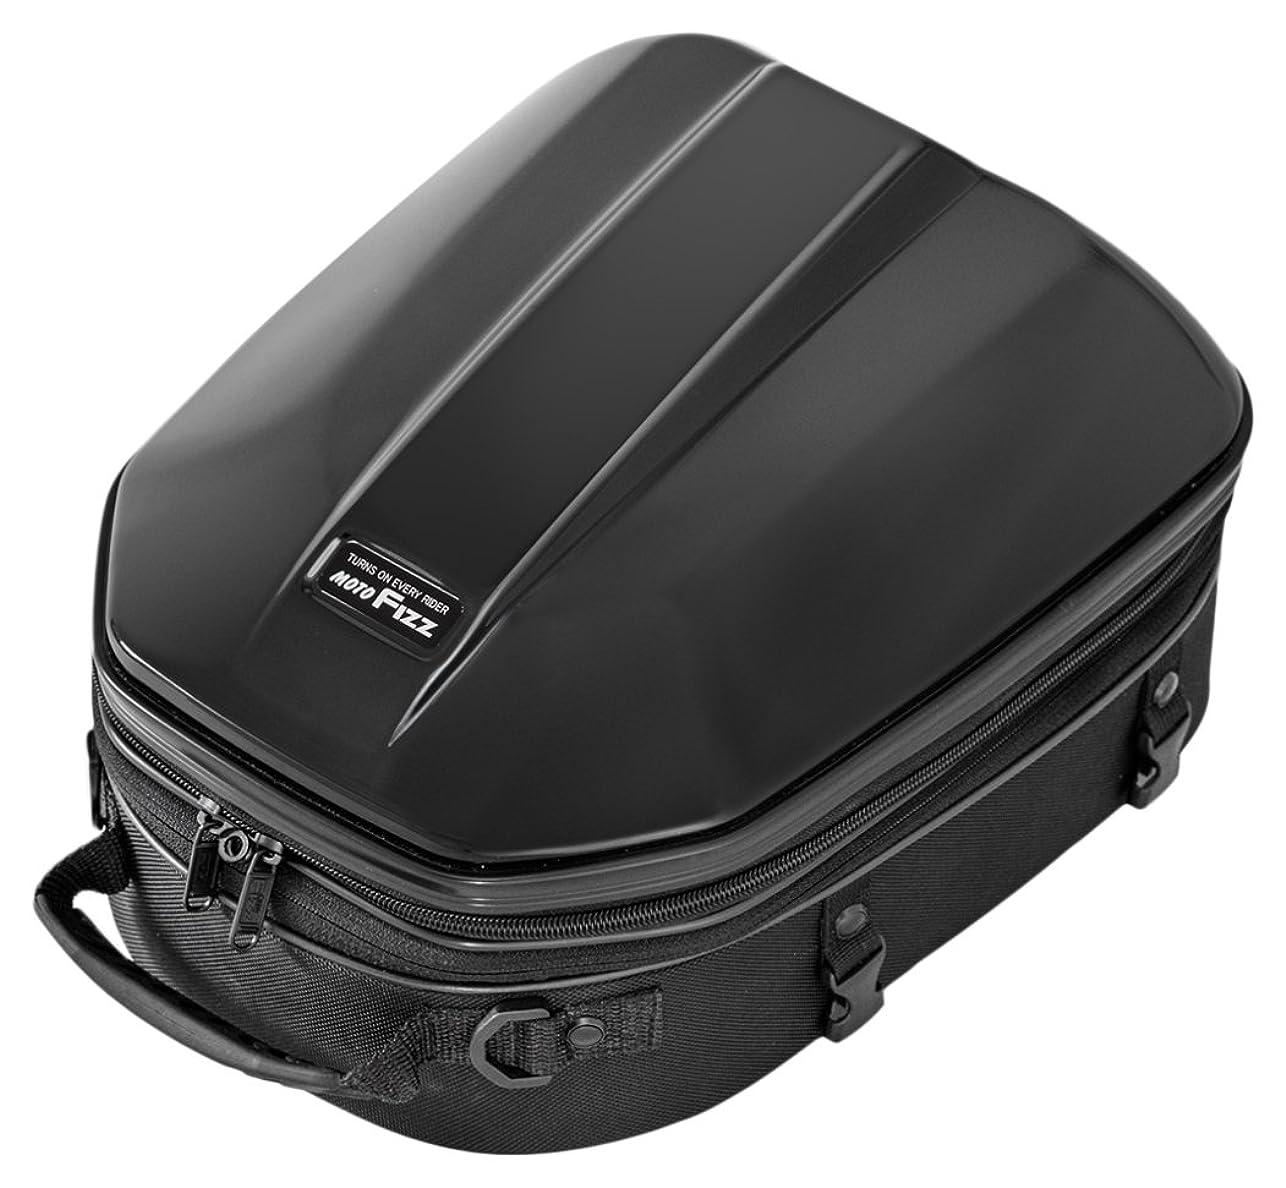 把握立ち向かう運営GIVI(ジビ)【イタリアブランド】  バイクタンクバッグ(ST602) 容量4L タンクロック 94560 高性能&スタイリッシュデザイン